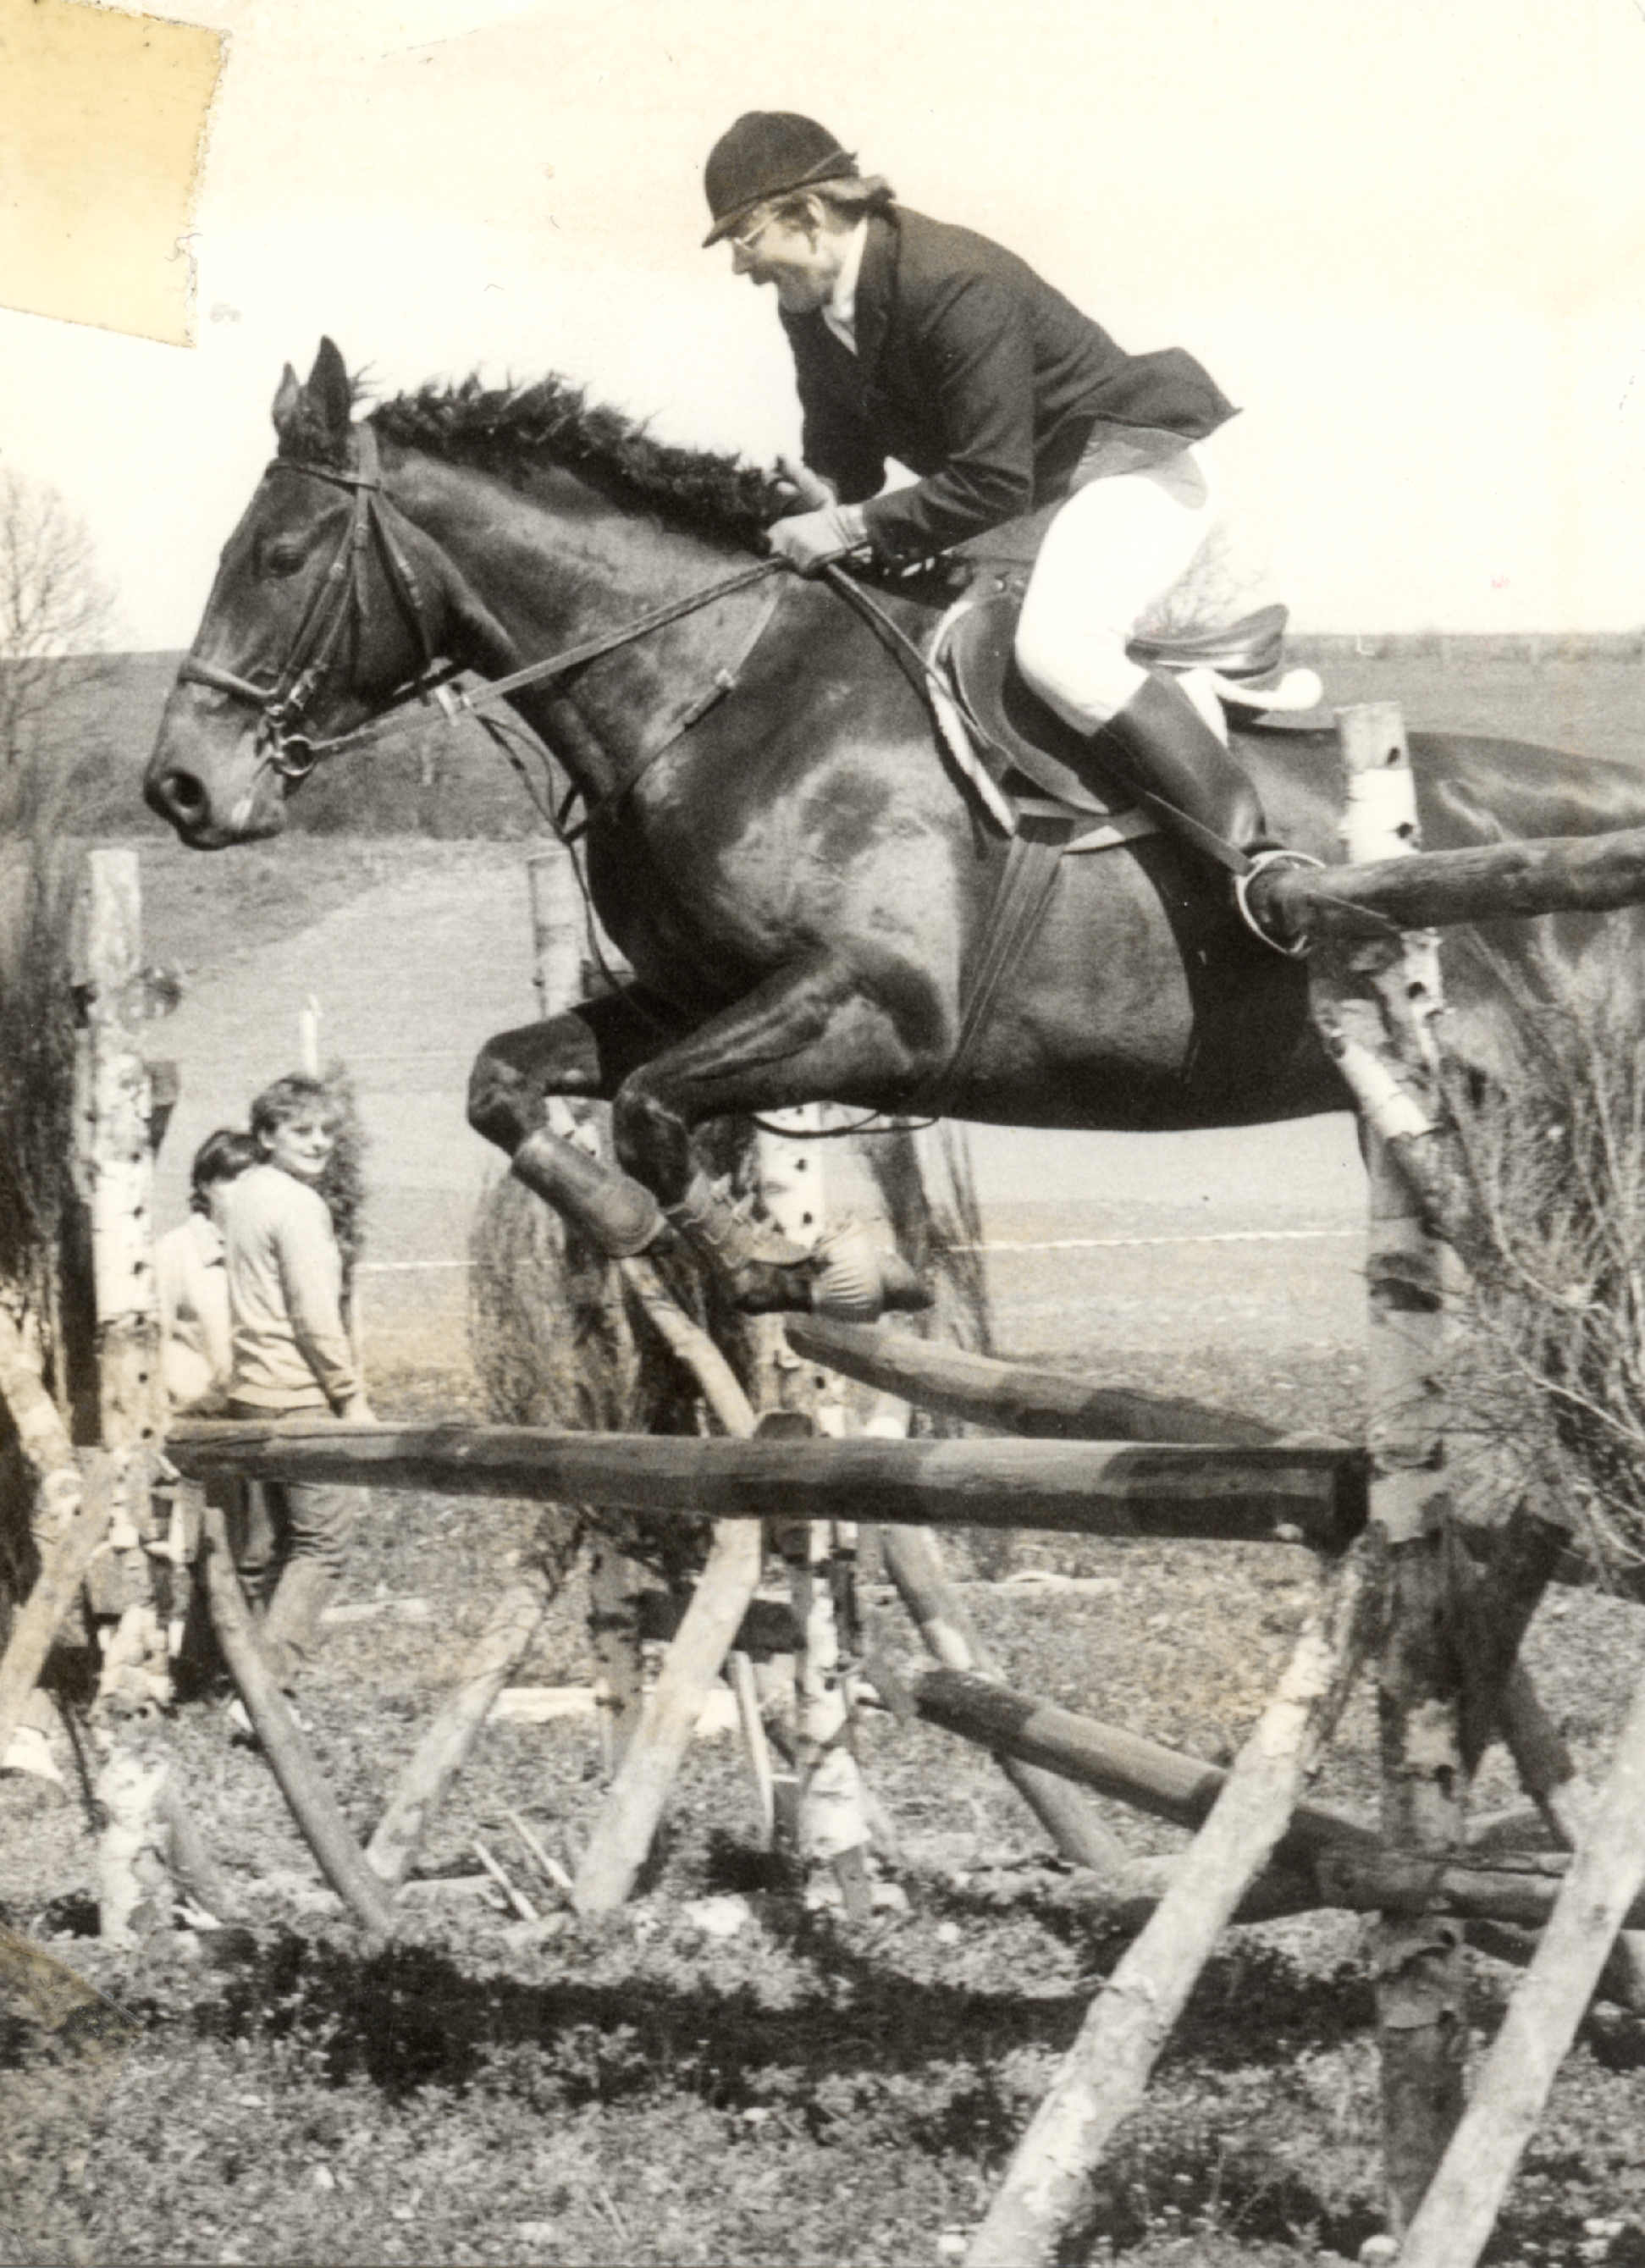 Debuts du centre equestre (cavalier au saut)